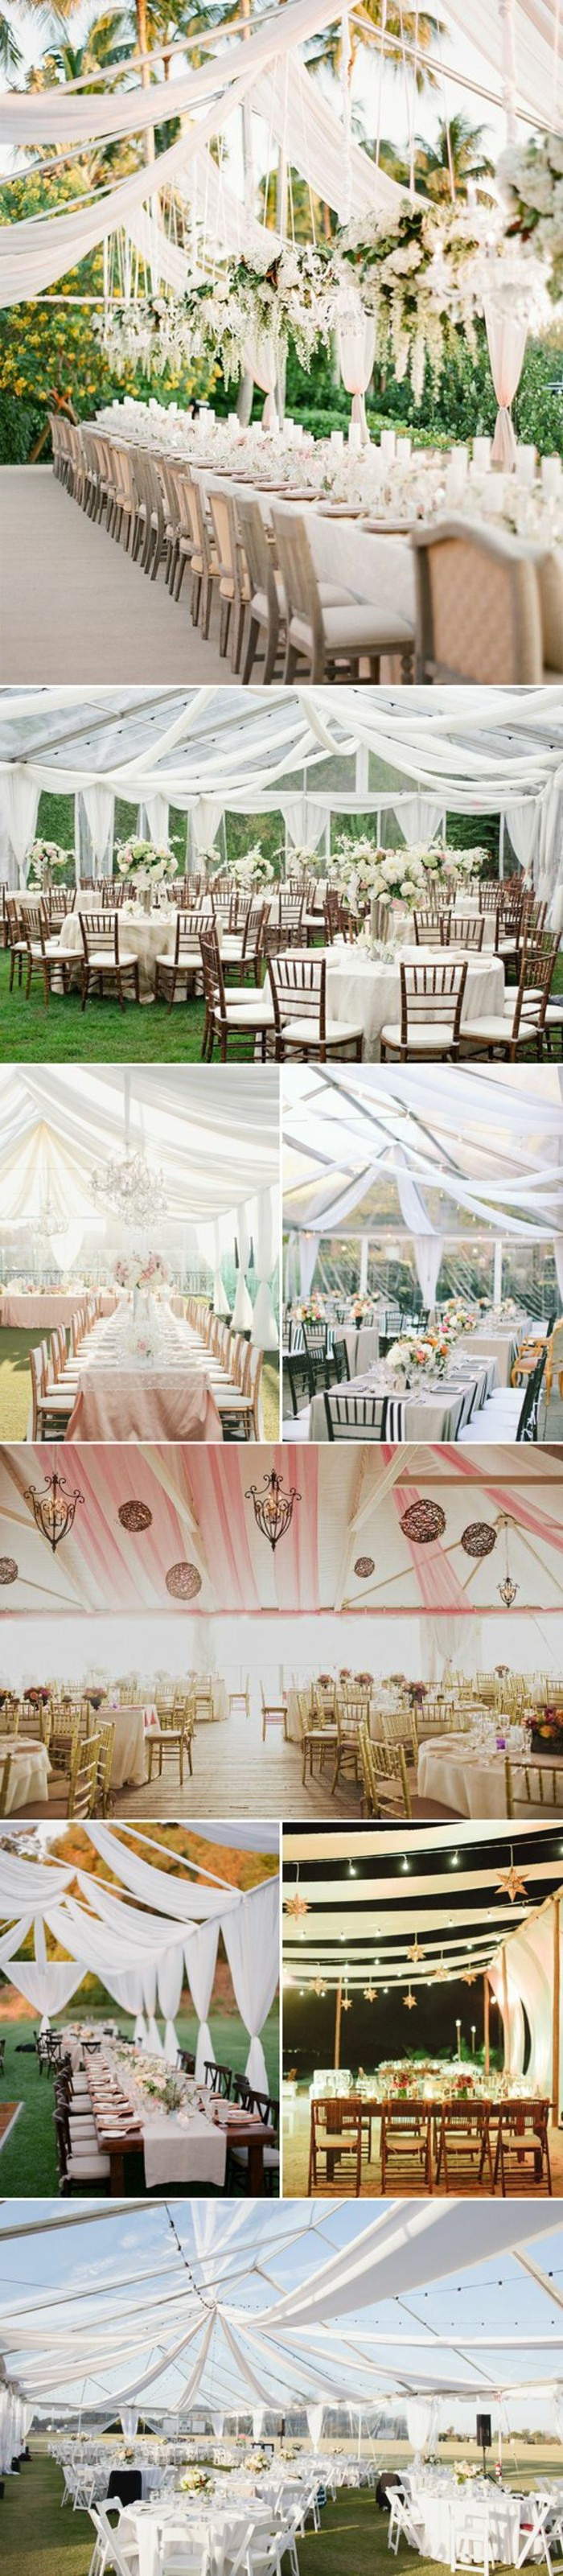 00 drape plafond mariage comment poser le drape - Drap Mariage Plafond